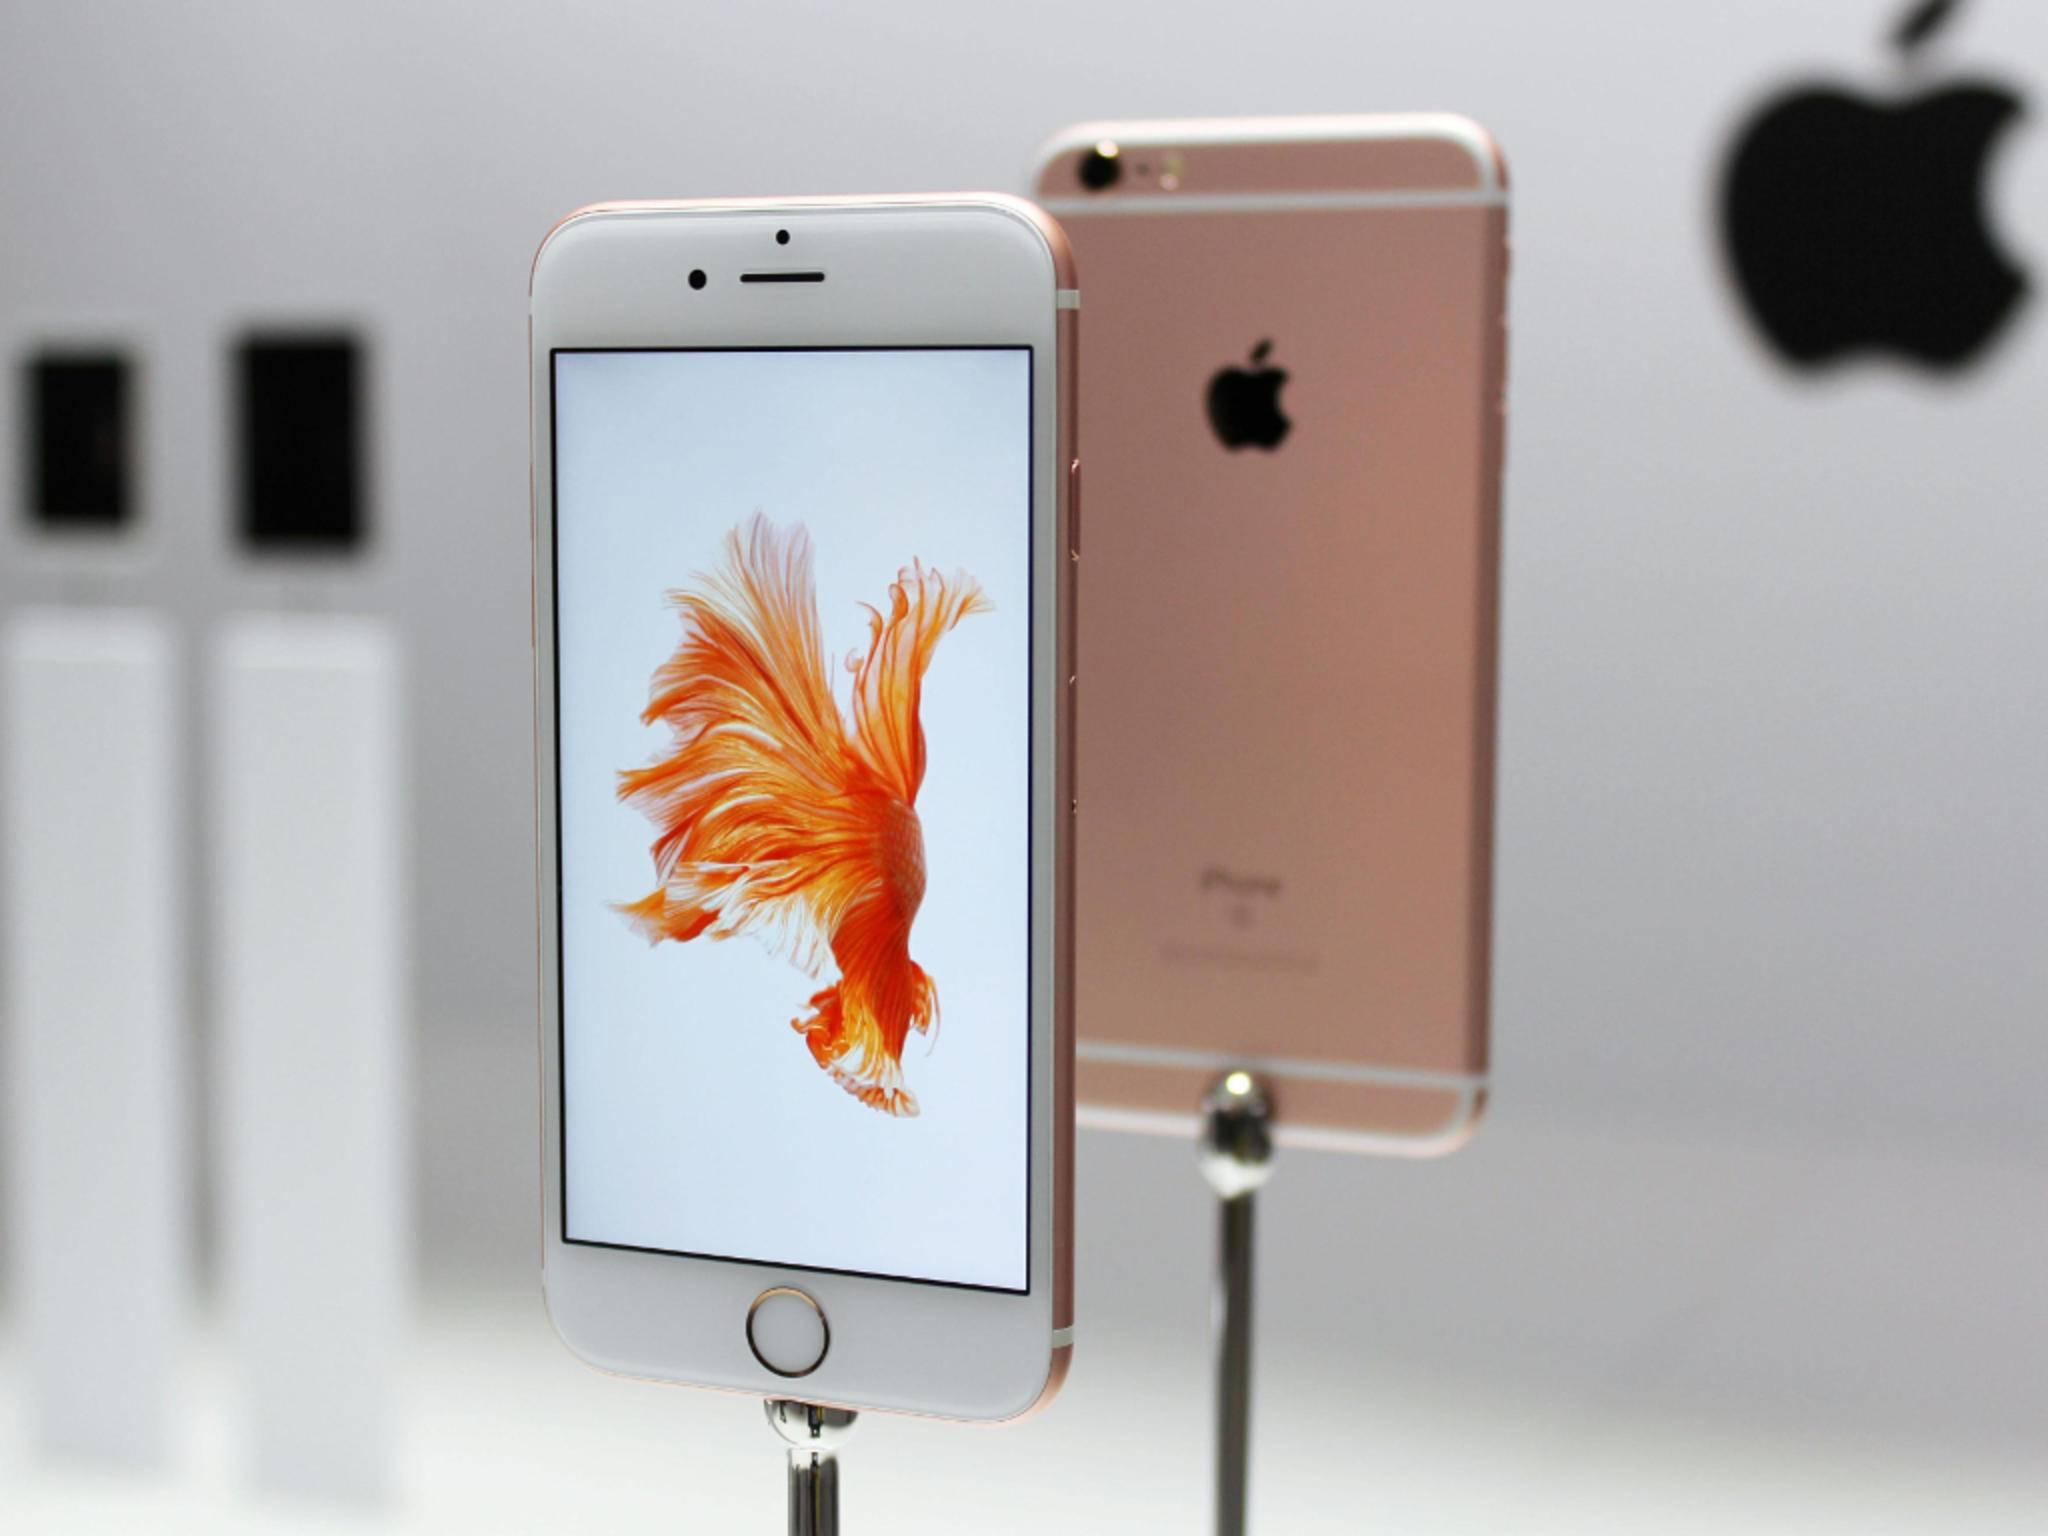 Das iPhone 6s ist mal wieder ein Verkaufsschlager.